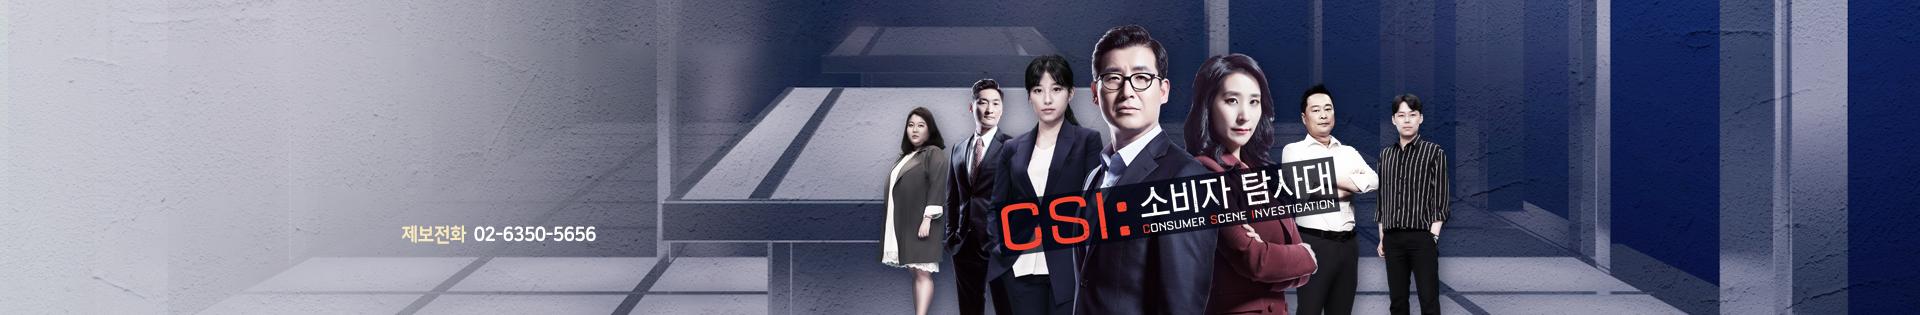 CSI 소비자 탐사대 프로그램 이미지